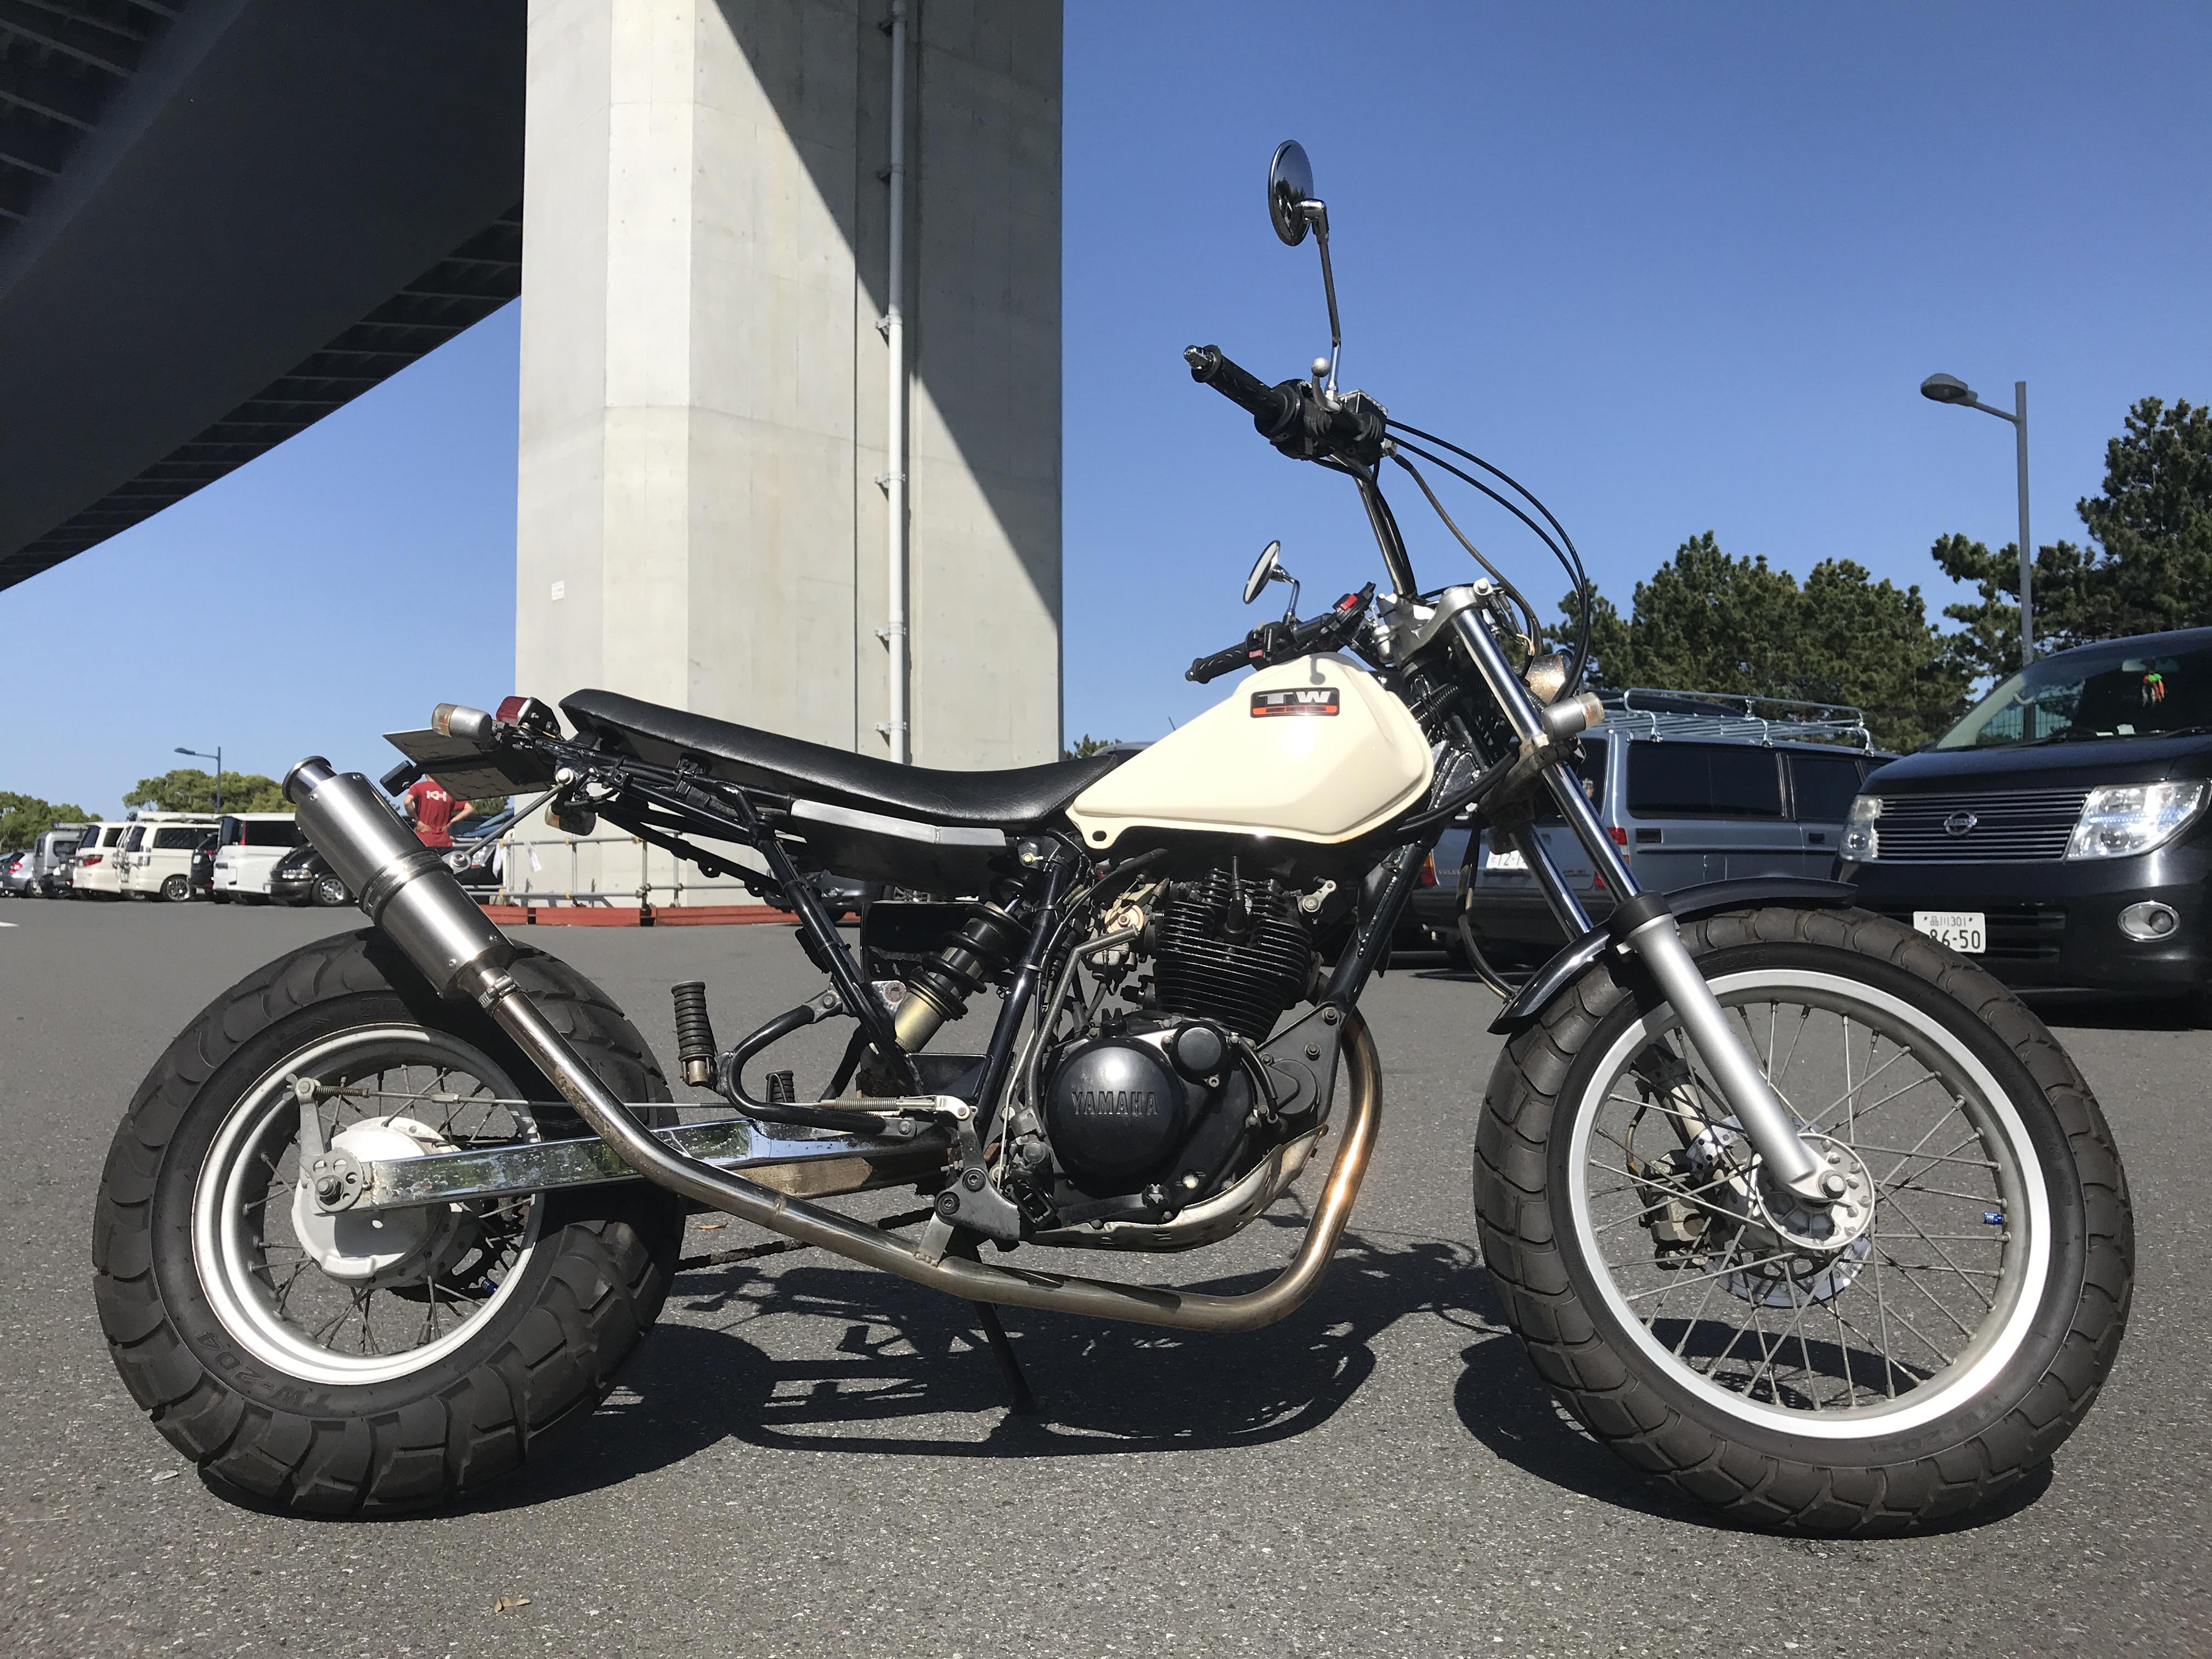 TW225カスタム (HN-00) - 【公式】レンタルバイクのベストBike® 仲町台駅前